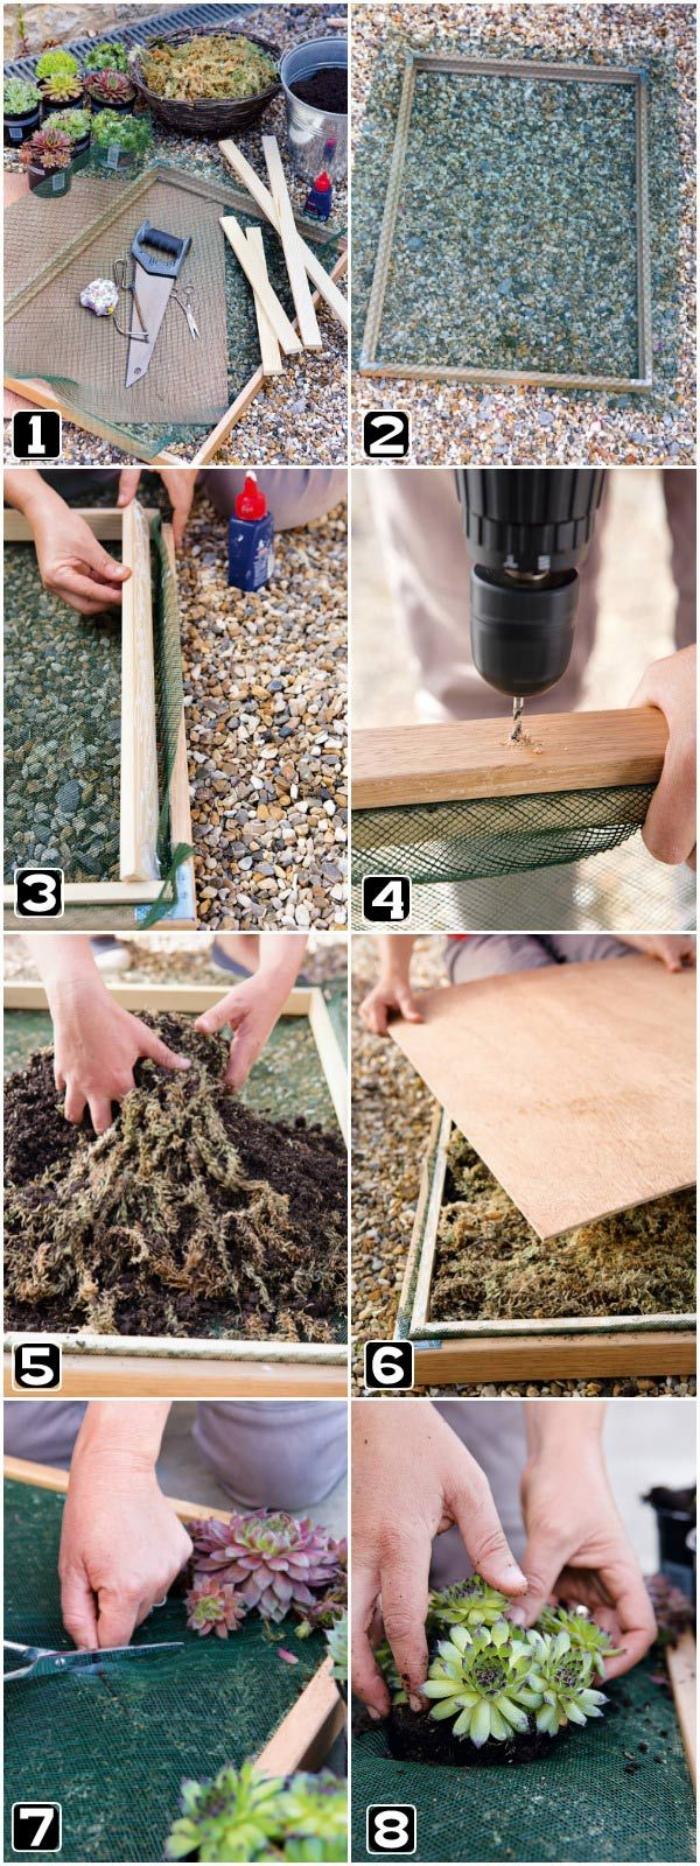 tuto facile pour réaliser un tableau vegetal avec plantes grasse, à l'aide d'un cadre chiné et grillage à poule